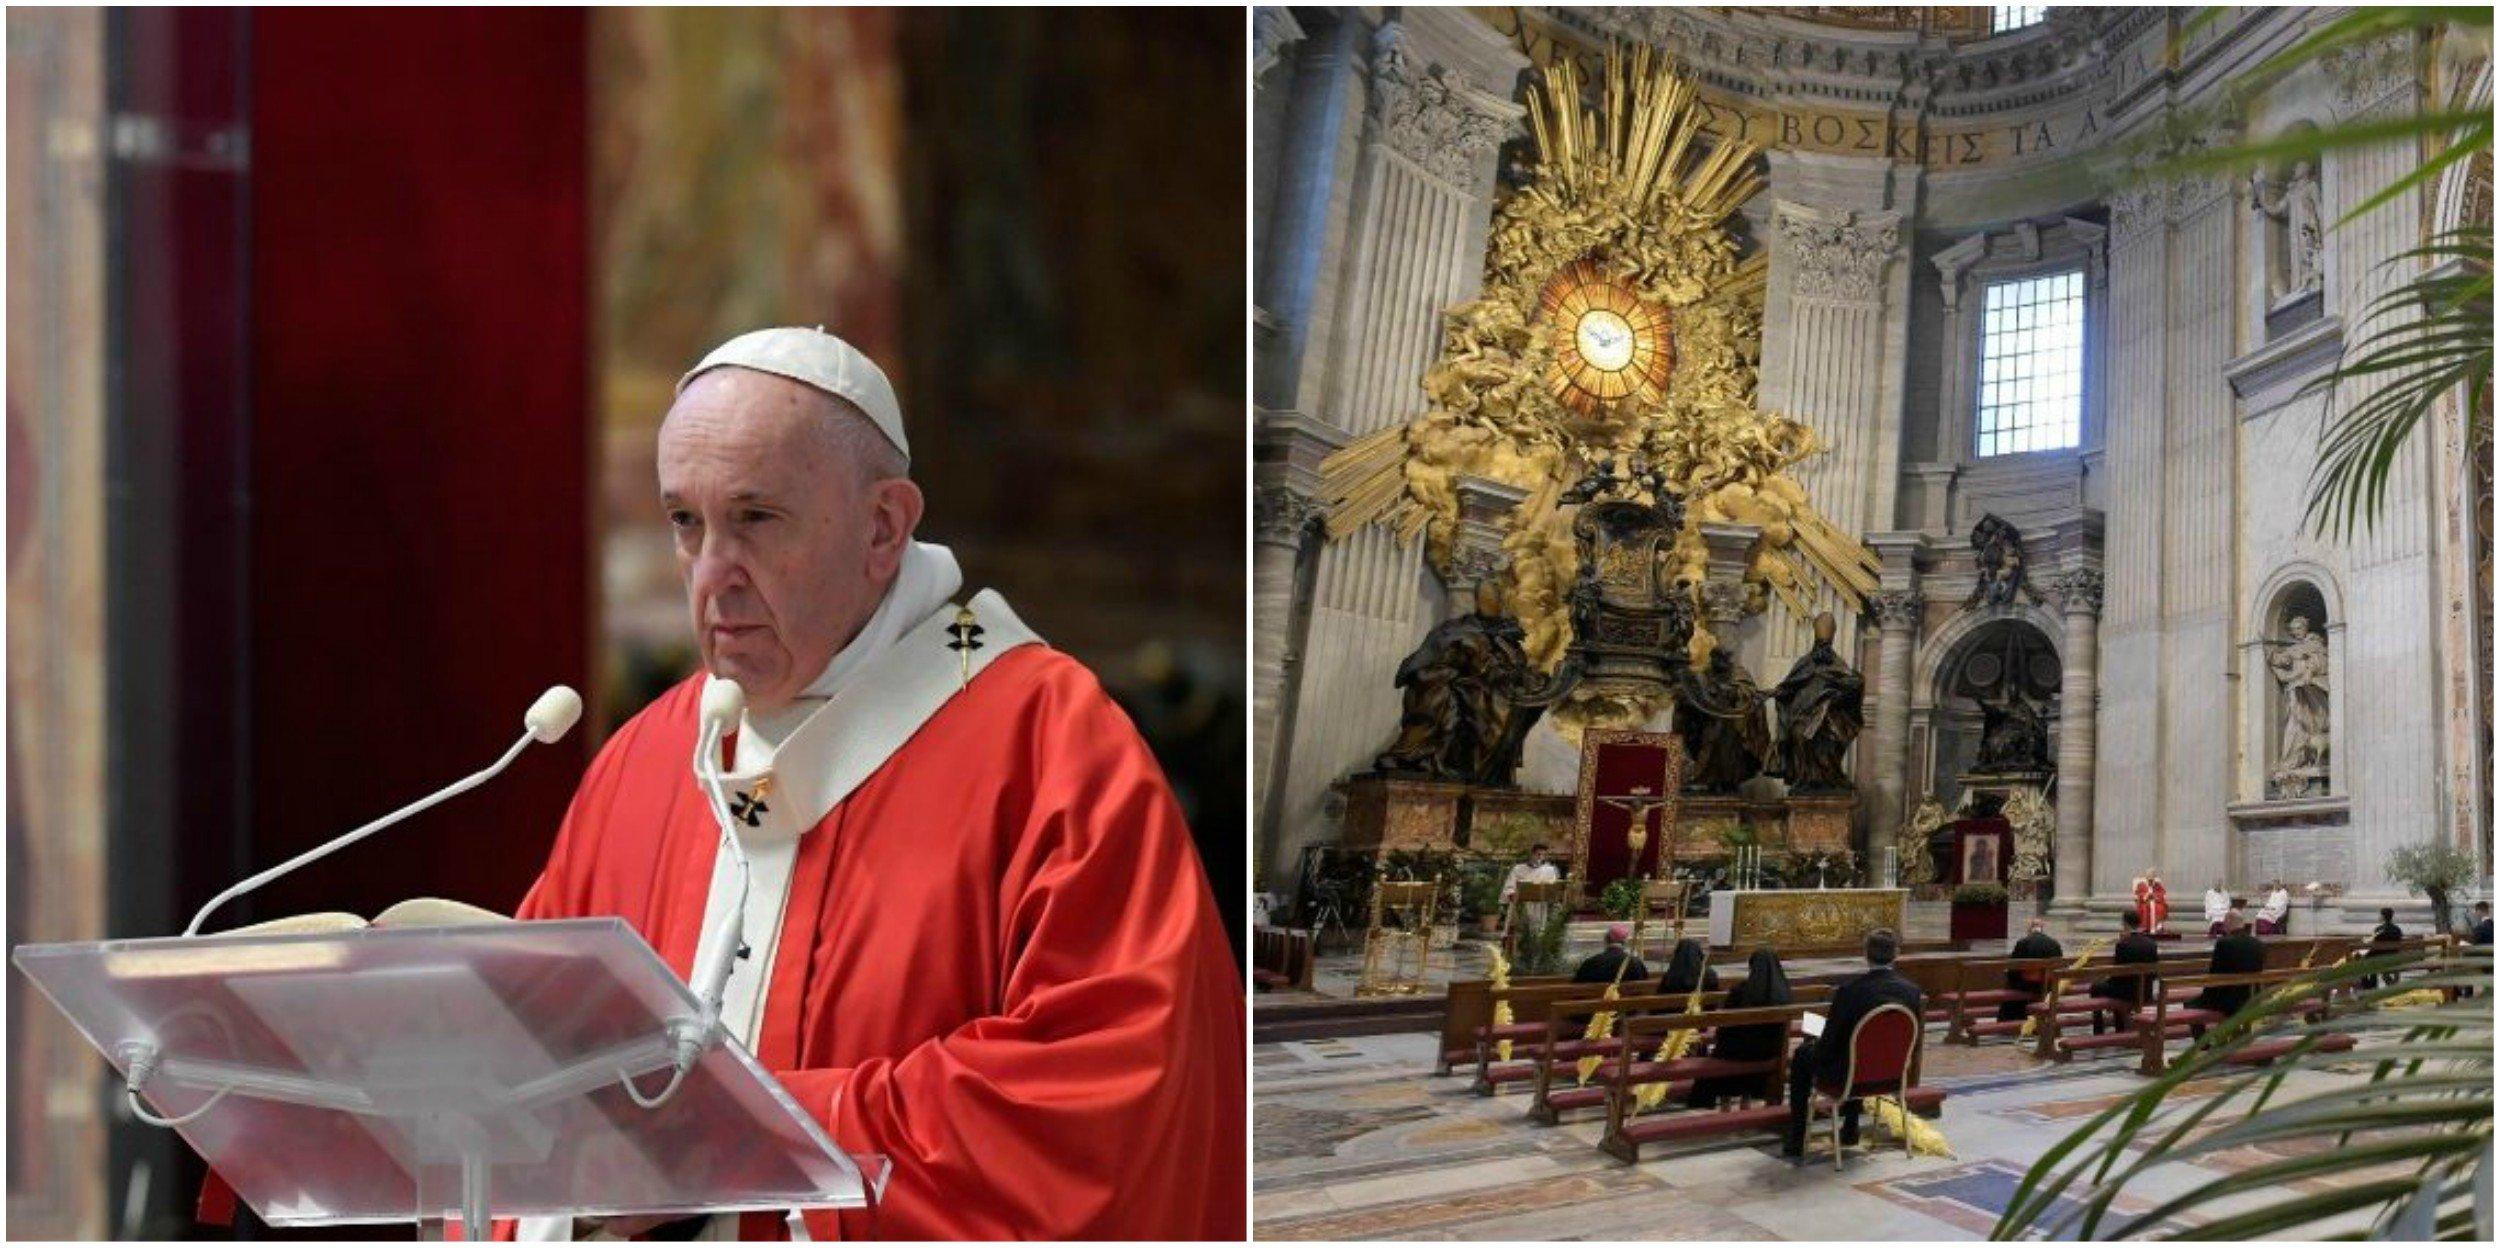 El Papa Francisco en la misa del Domingo de Ramos